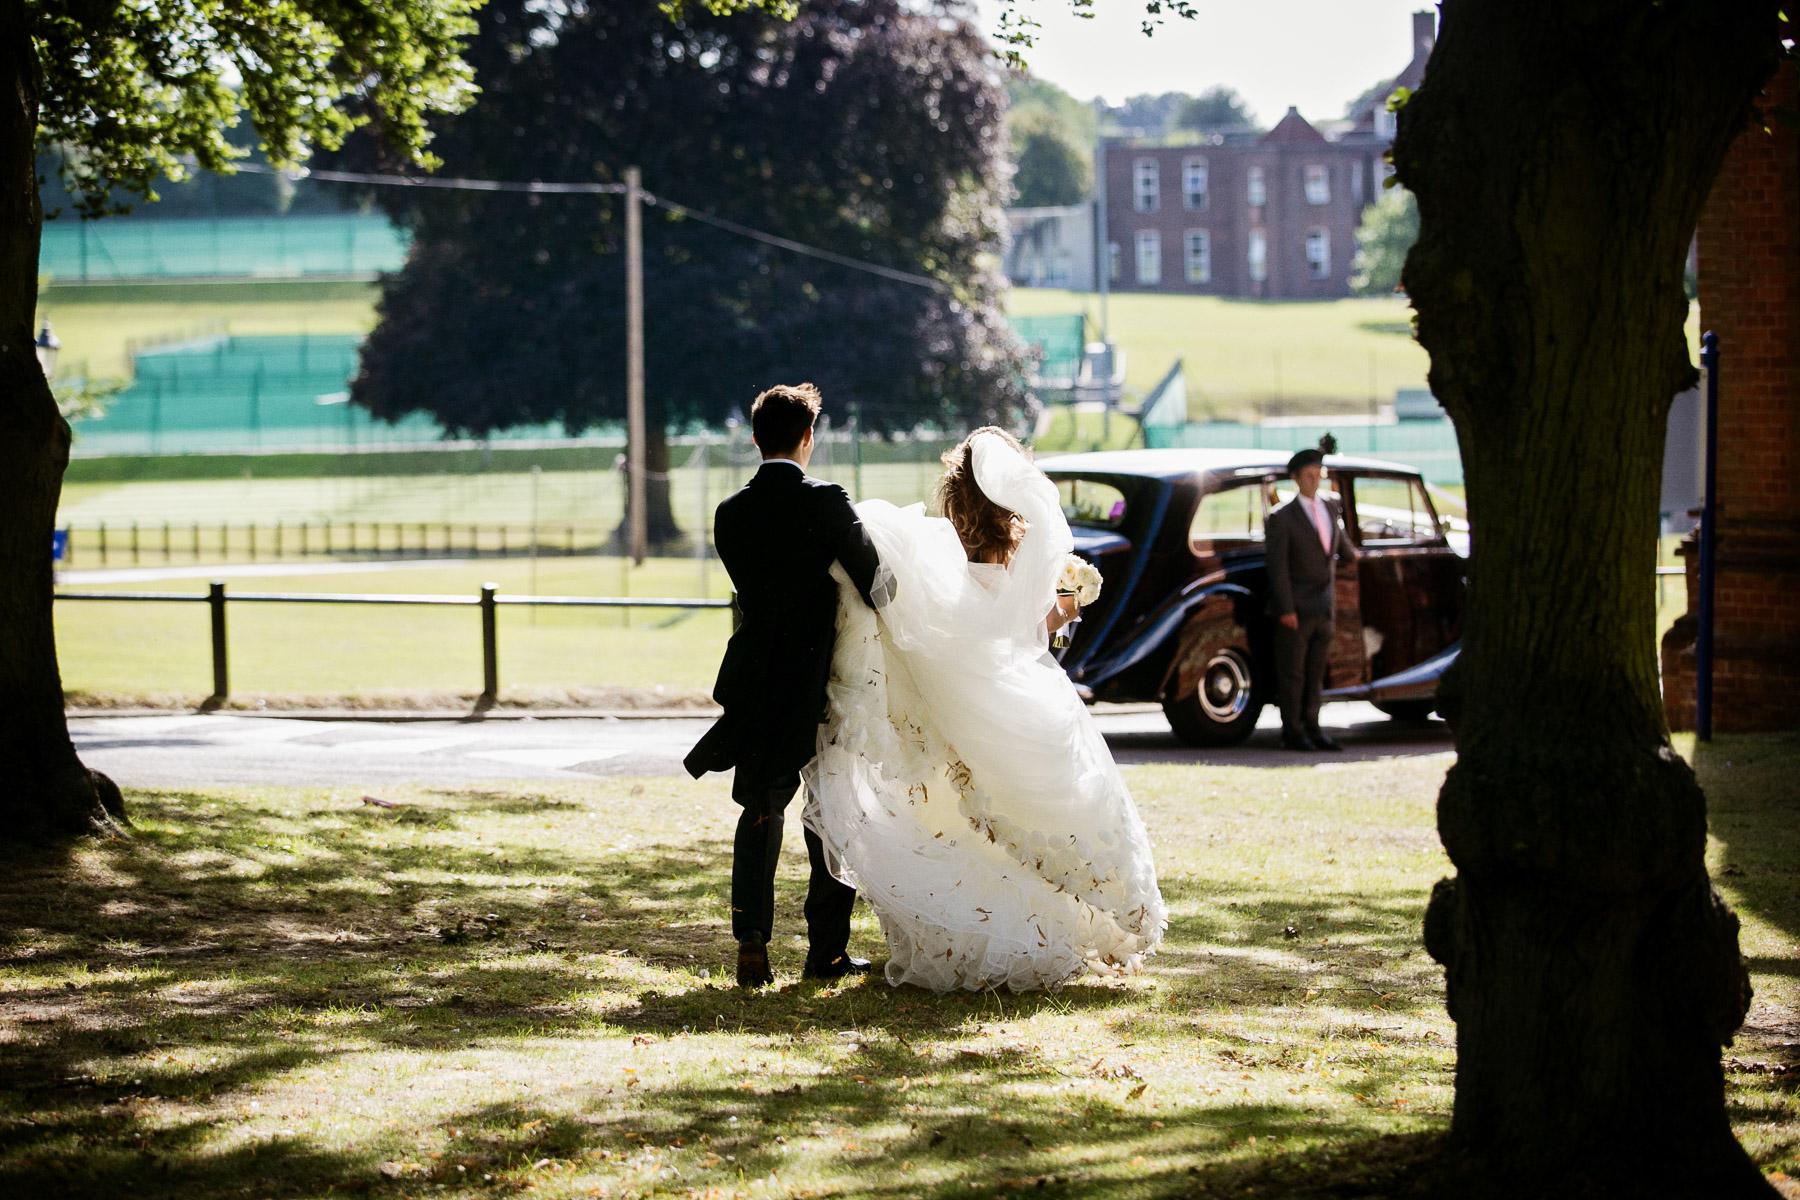 wedding portfolio 25-09-17  110.jpg